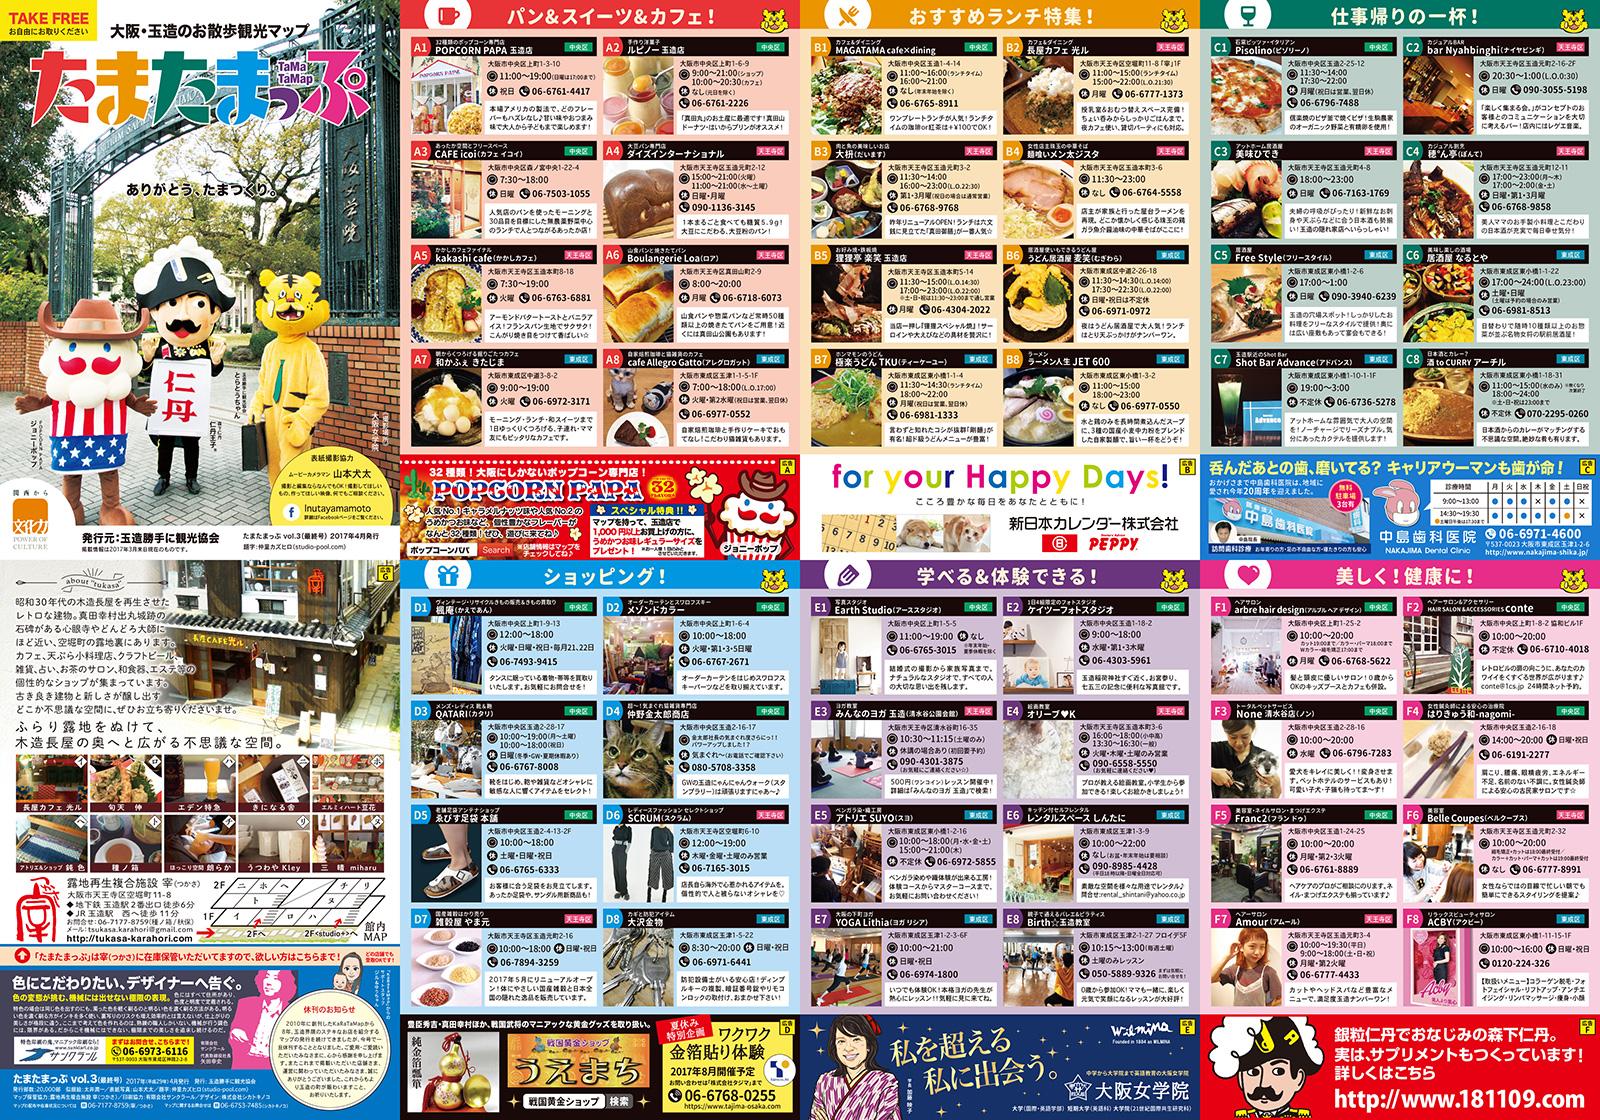 たまたまっぷvol.3(大阪・玉造)玉造勝手に観光協会